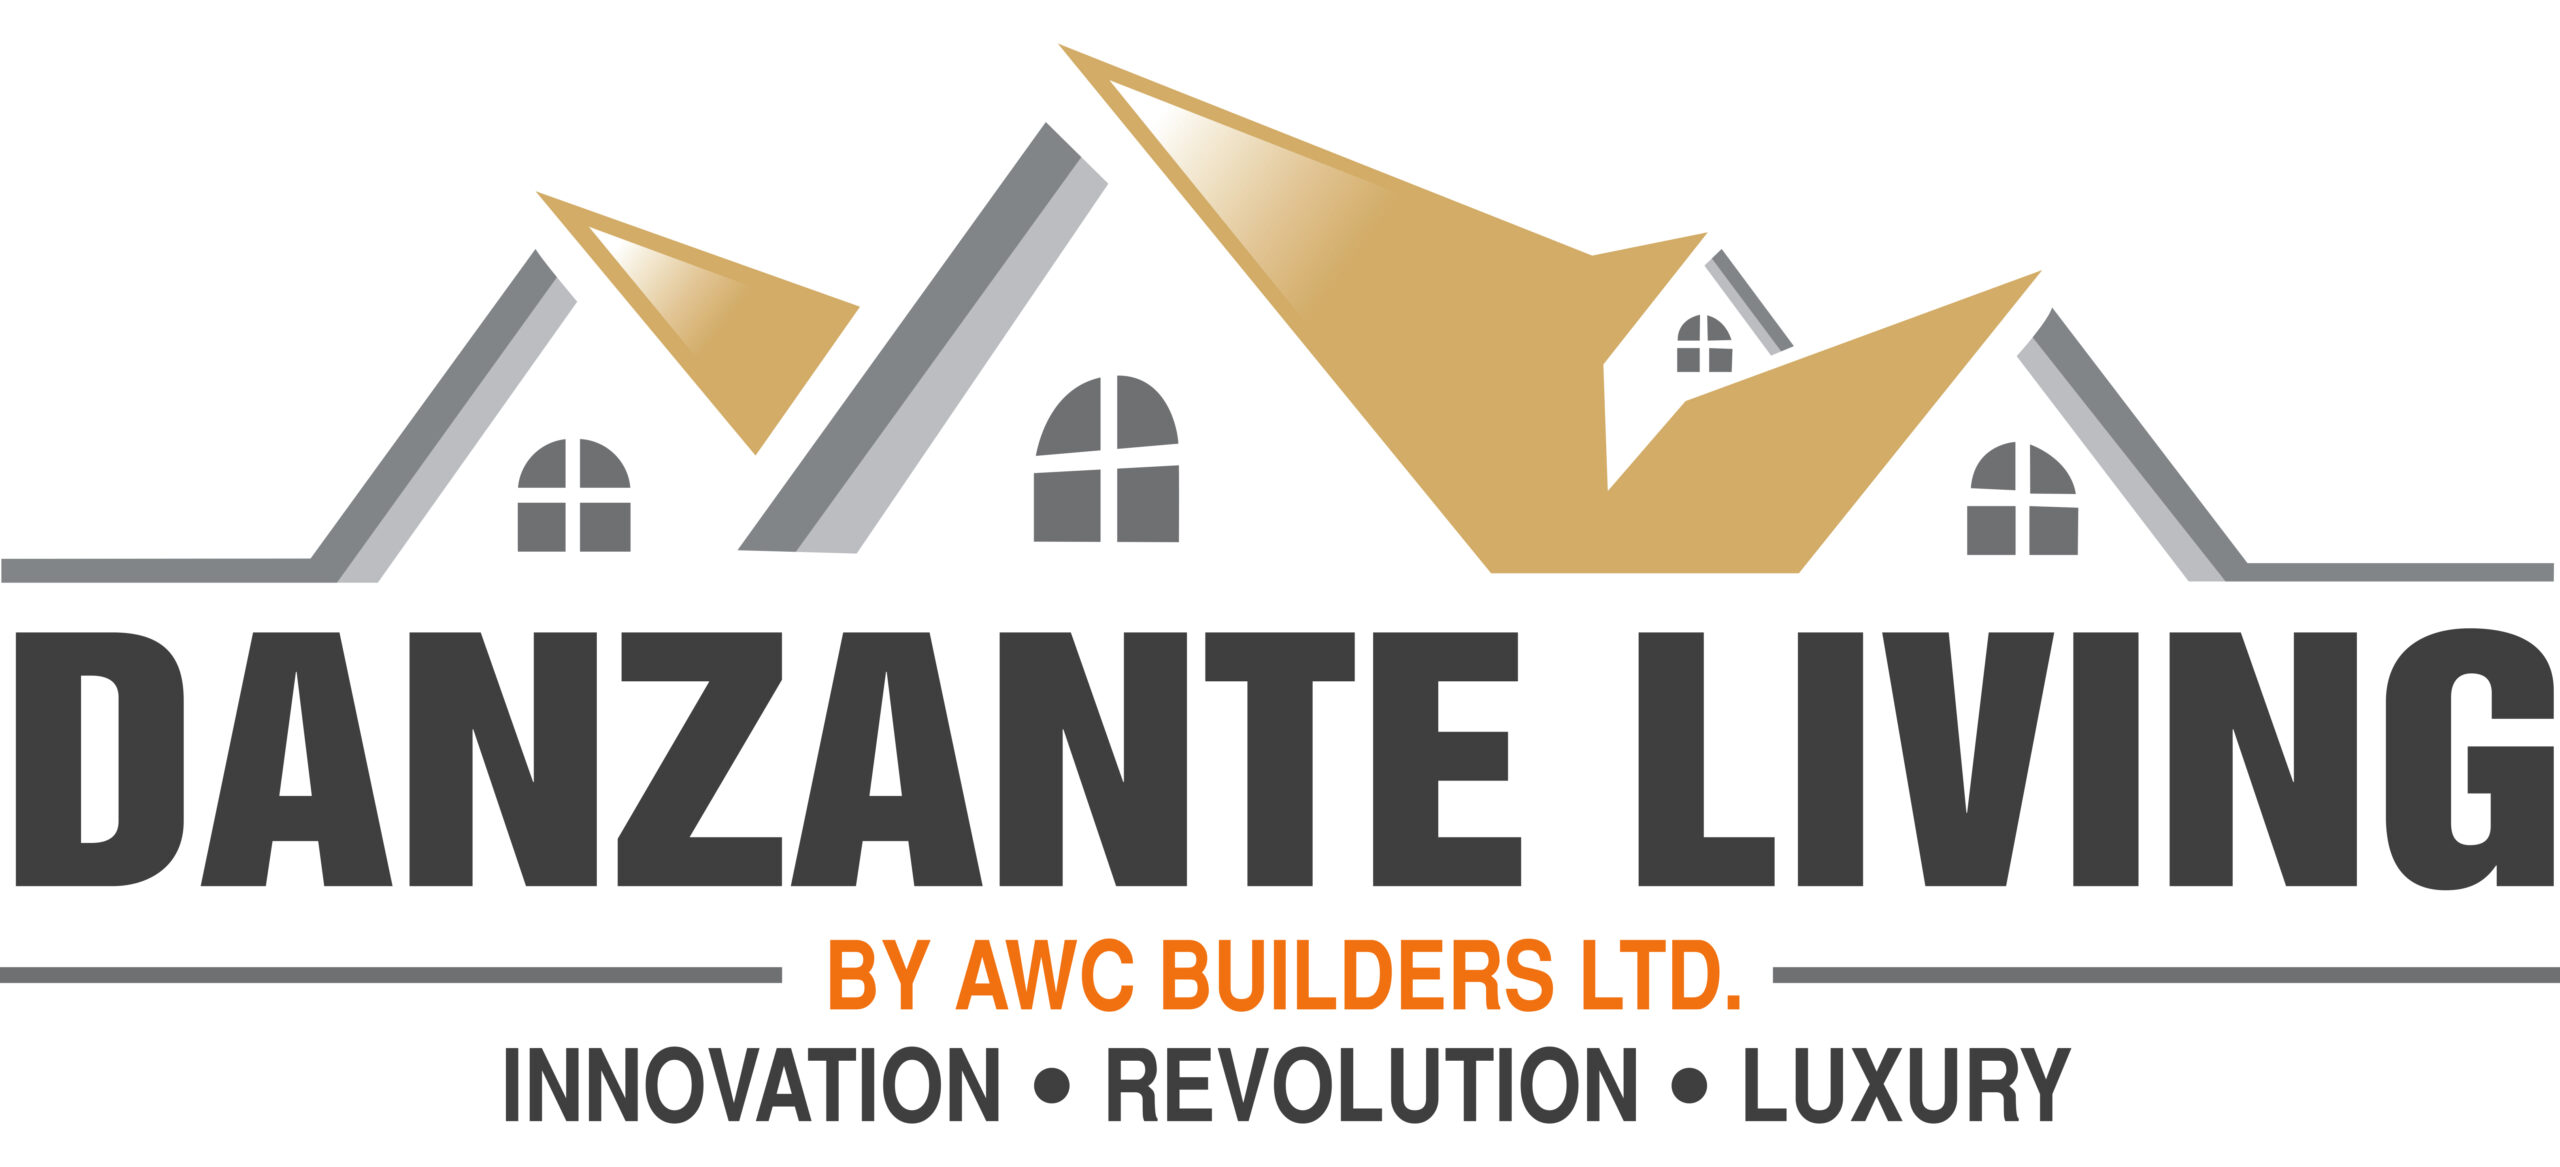 Danzante Living